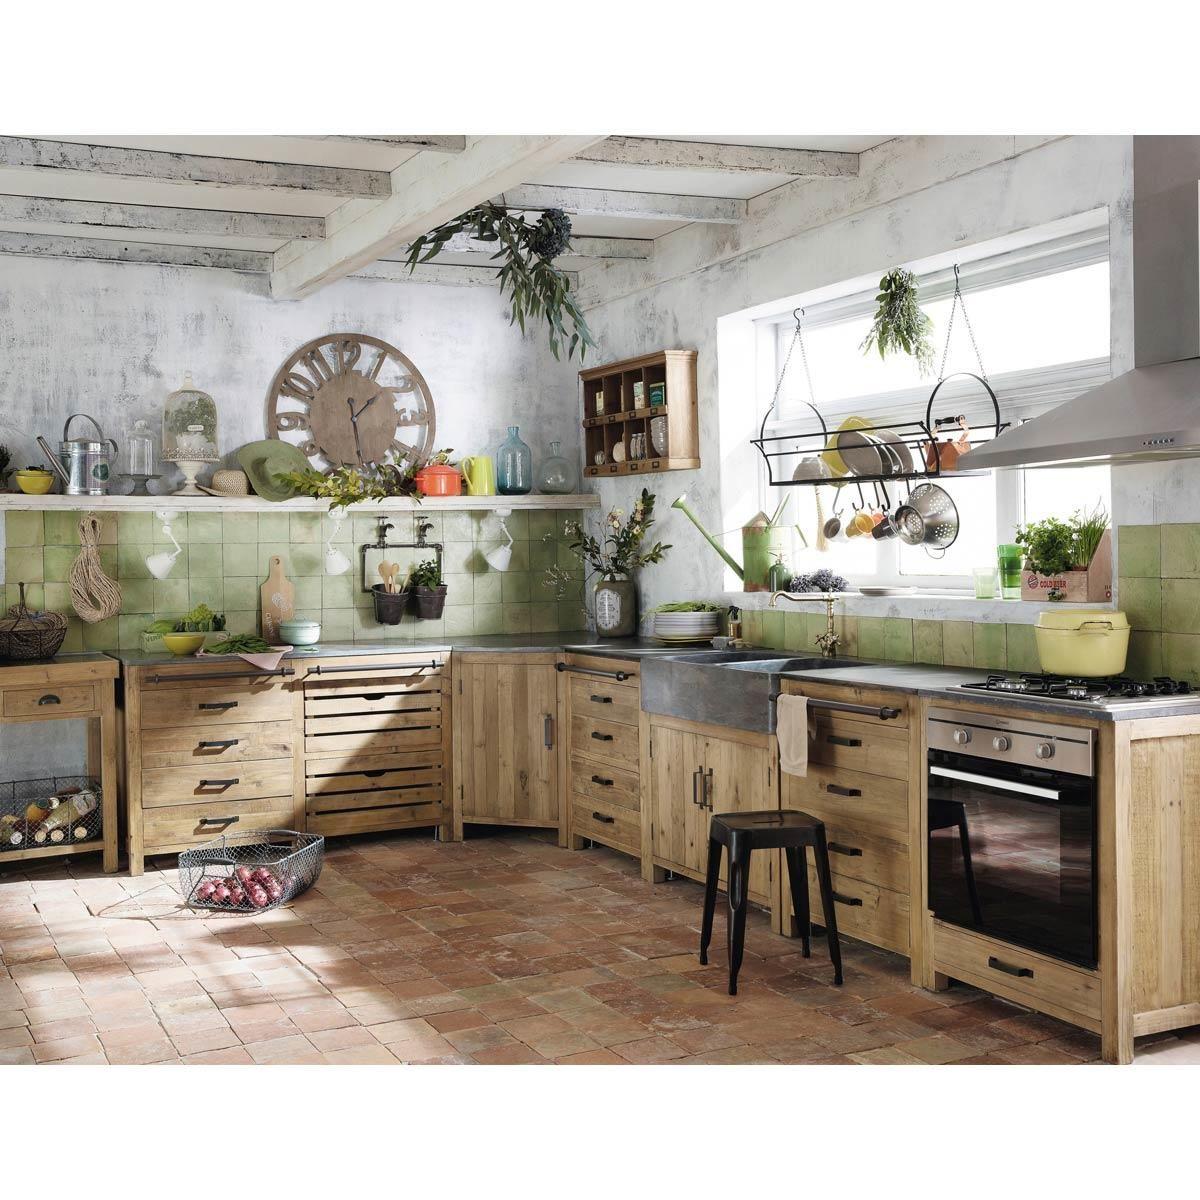 meuble bas de cuisine avec evier en bois recycle l 90 cm pagnol maisons du monde